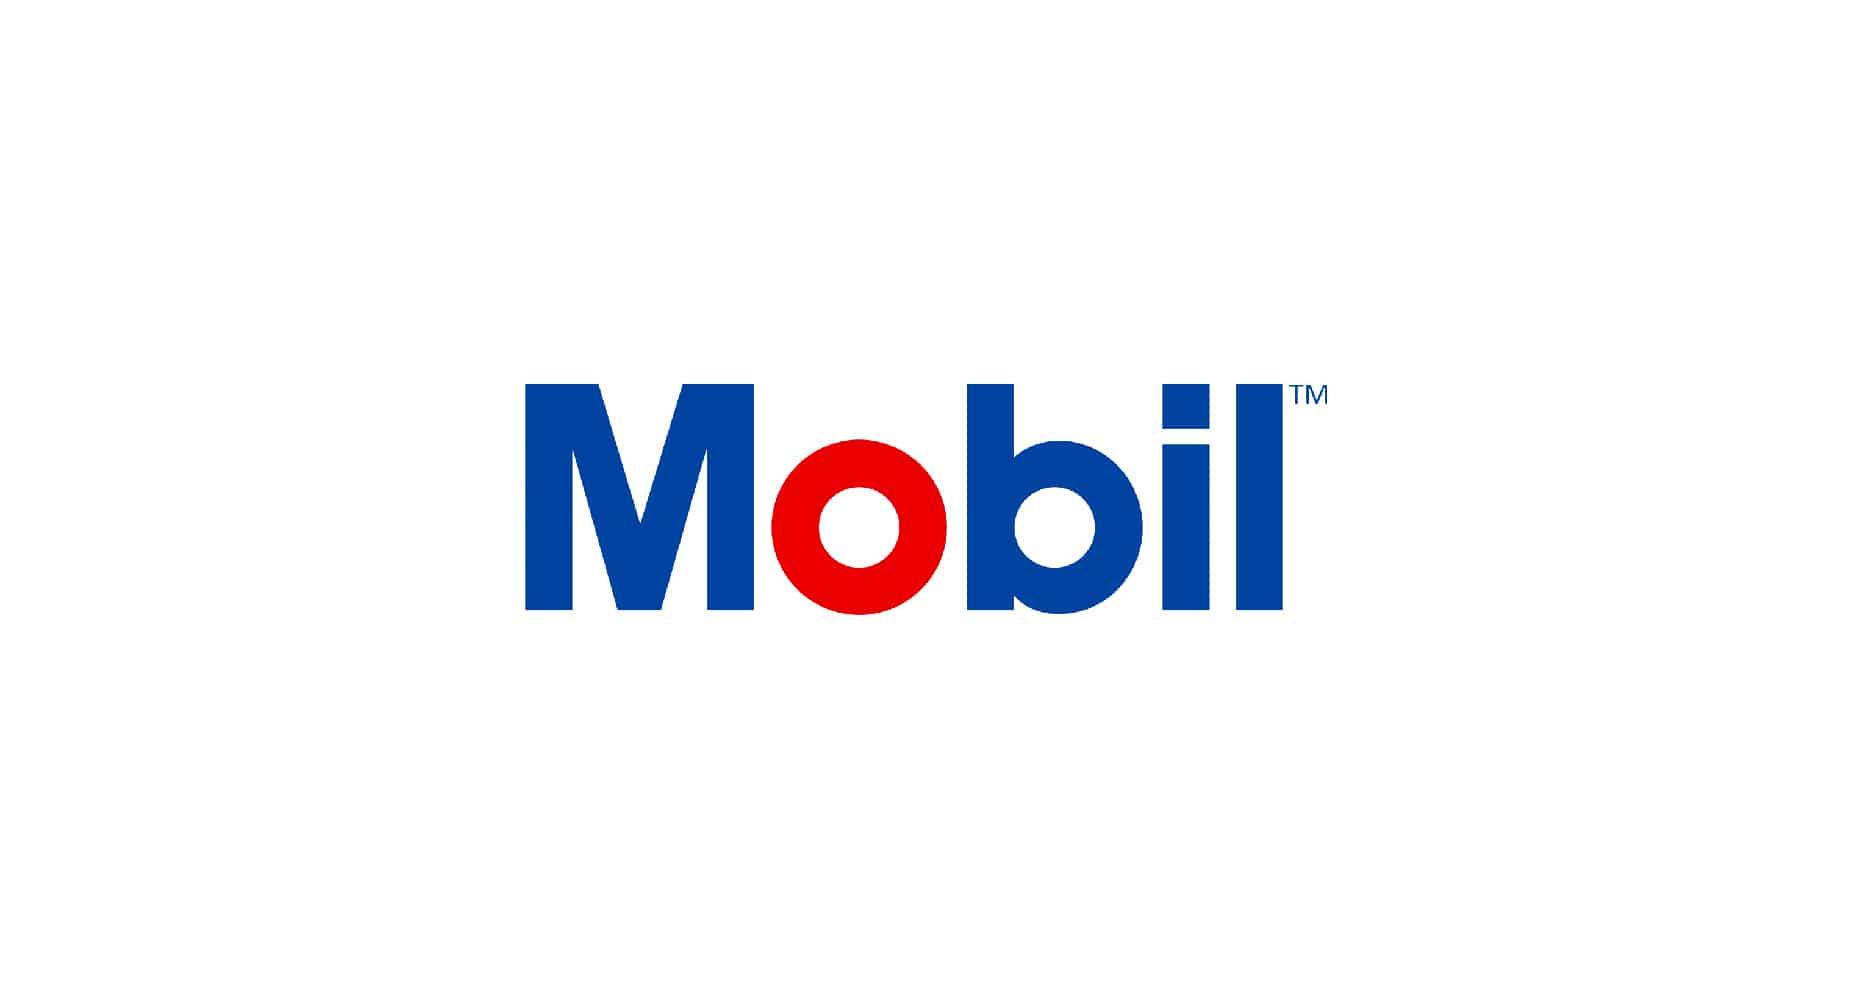 mobil branding